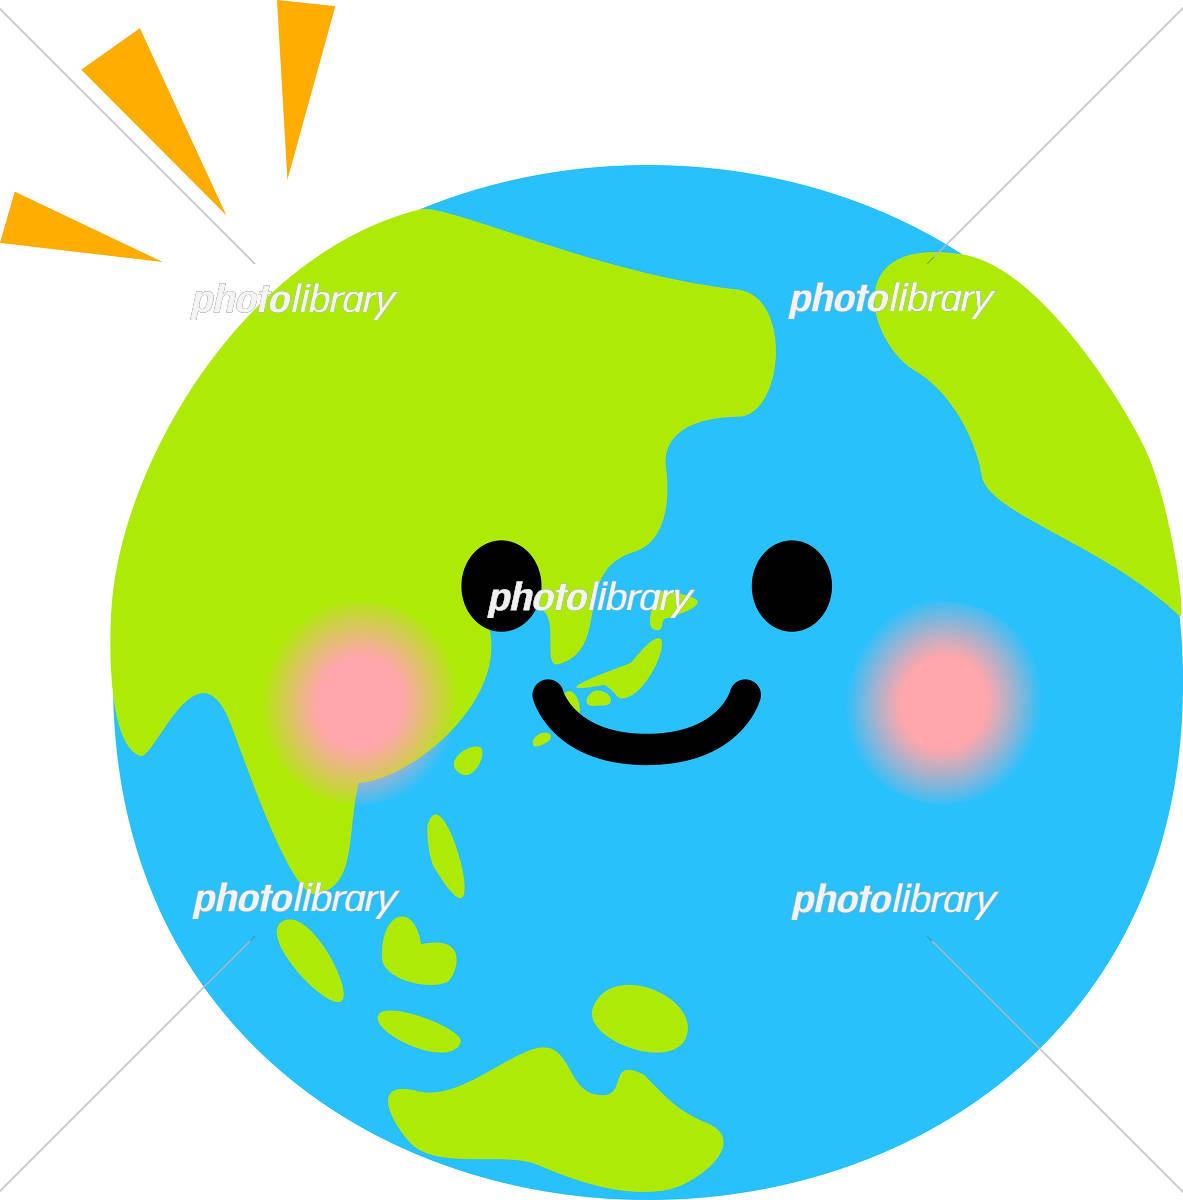 笑顔が付いた地球のデフォルメイラスト イラスト素材 5726601